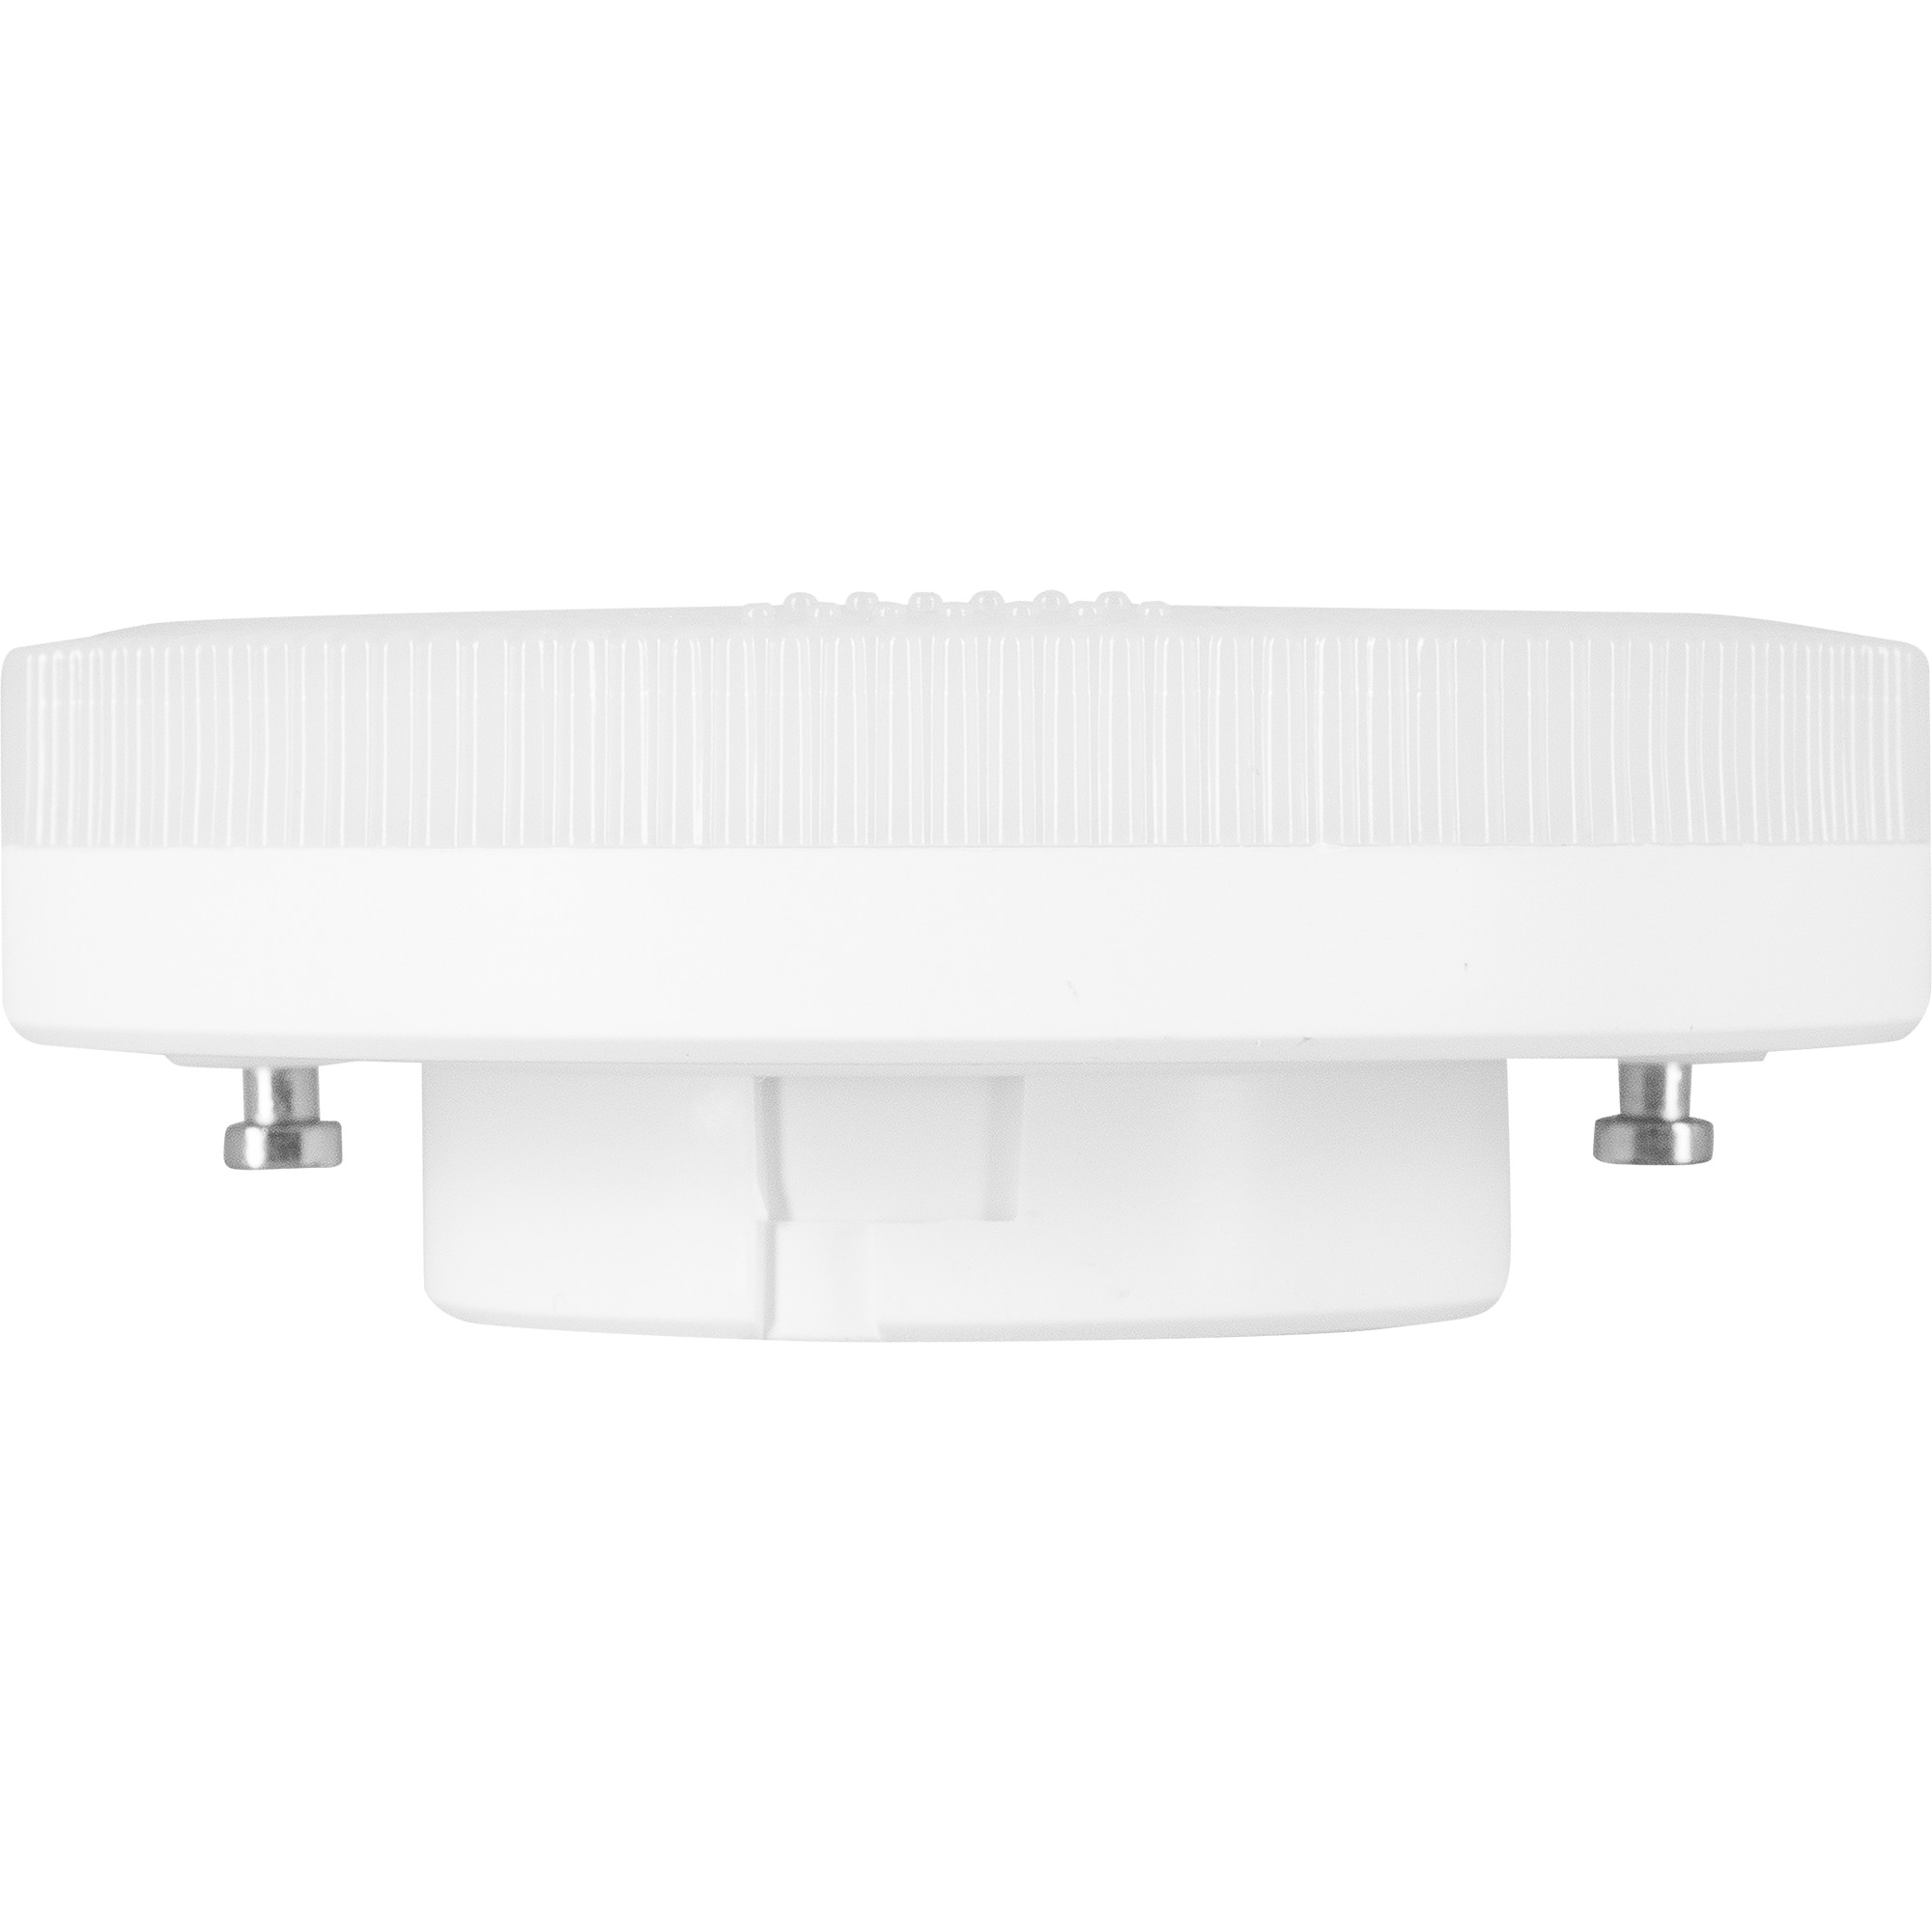 Лампа светодиодная Gauss Basic Gx53 8.5 Вт круг матовый 810 лм белый свет